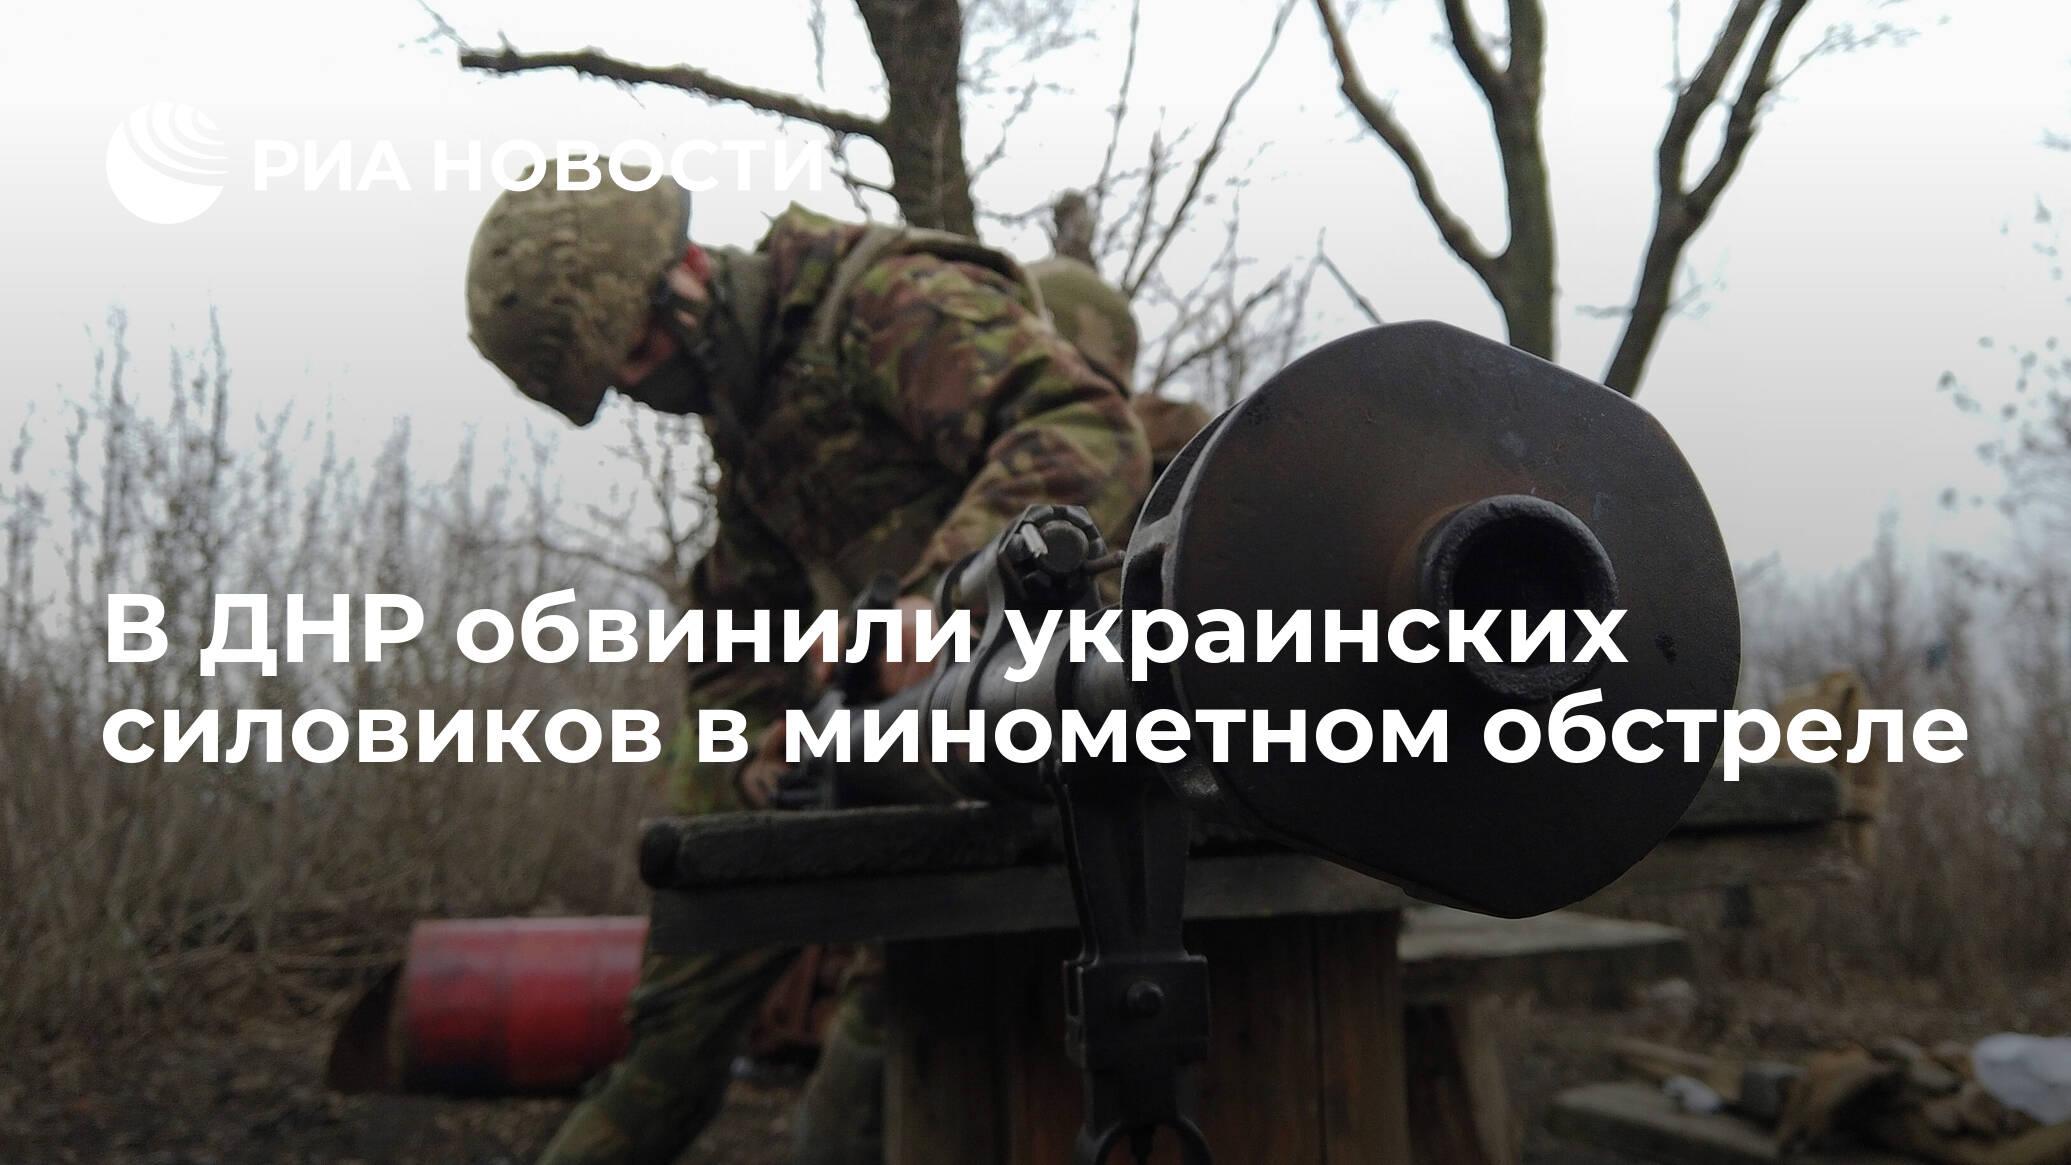 В ДНР обвинили украинских силовиков в минометном обстреле